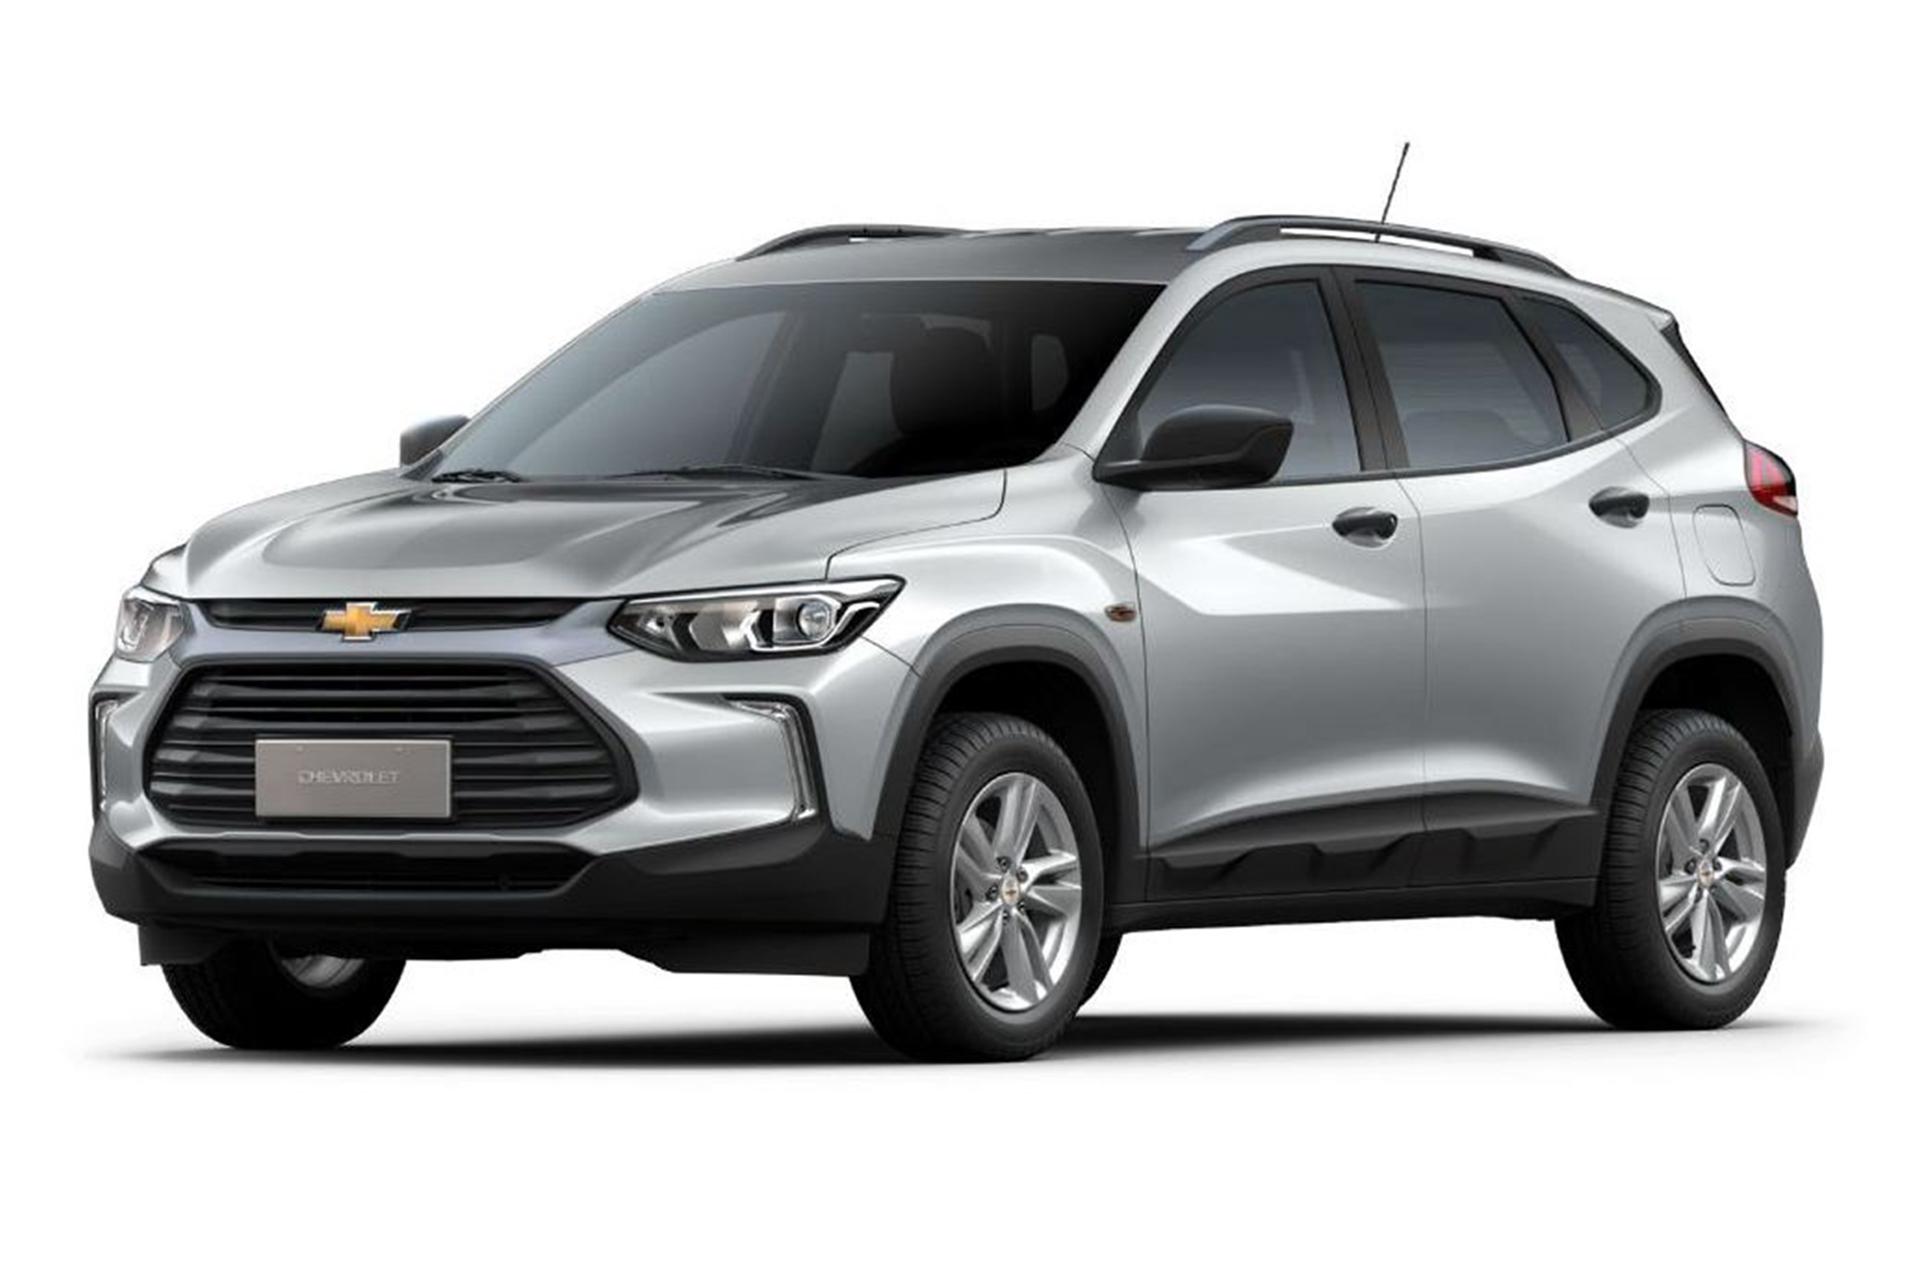 Chevrolet Tracker PcD ganha Wi-Fi, mas garantia de 3 anos custa R$ 1.900